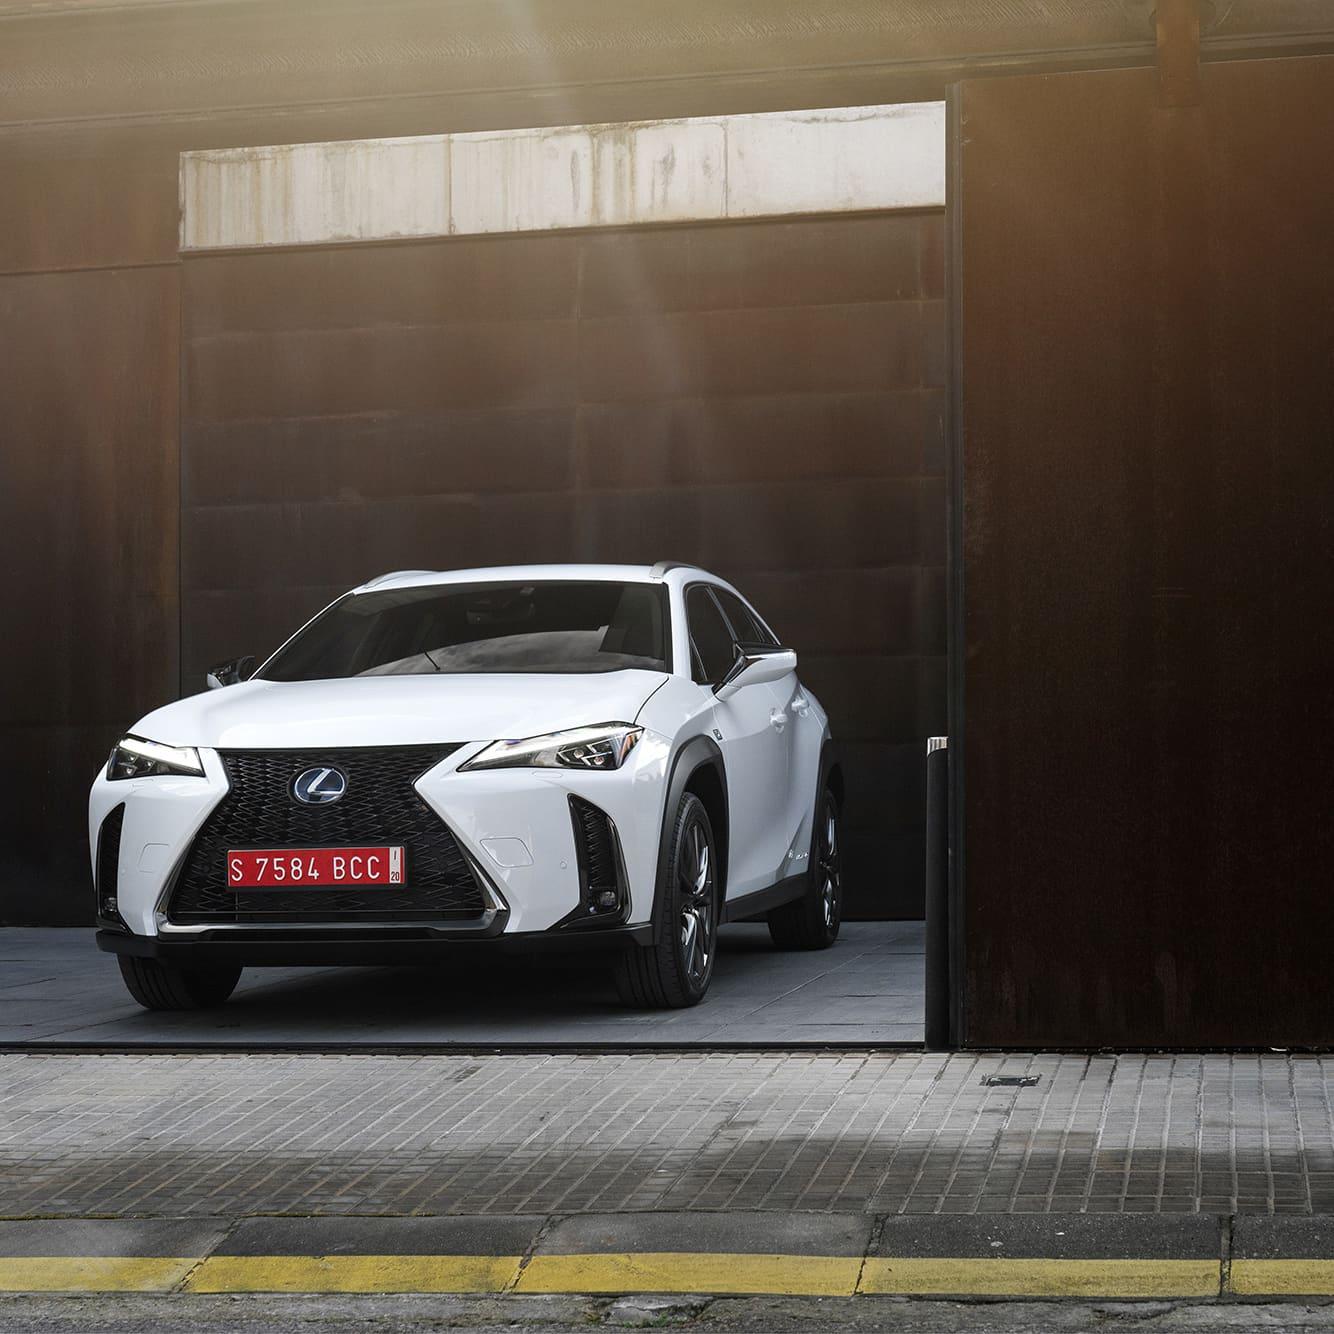 Designen på UV 250h sticker ut från mängden men följer de övriga modellerna i Lexus familjen. Så är man van vid märkjet är det enkelt att känna igen vilket märke det handlar om.